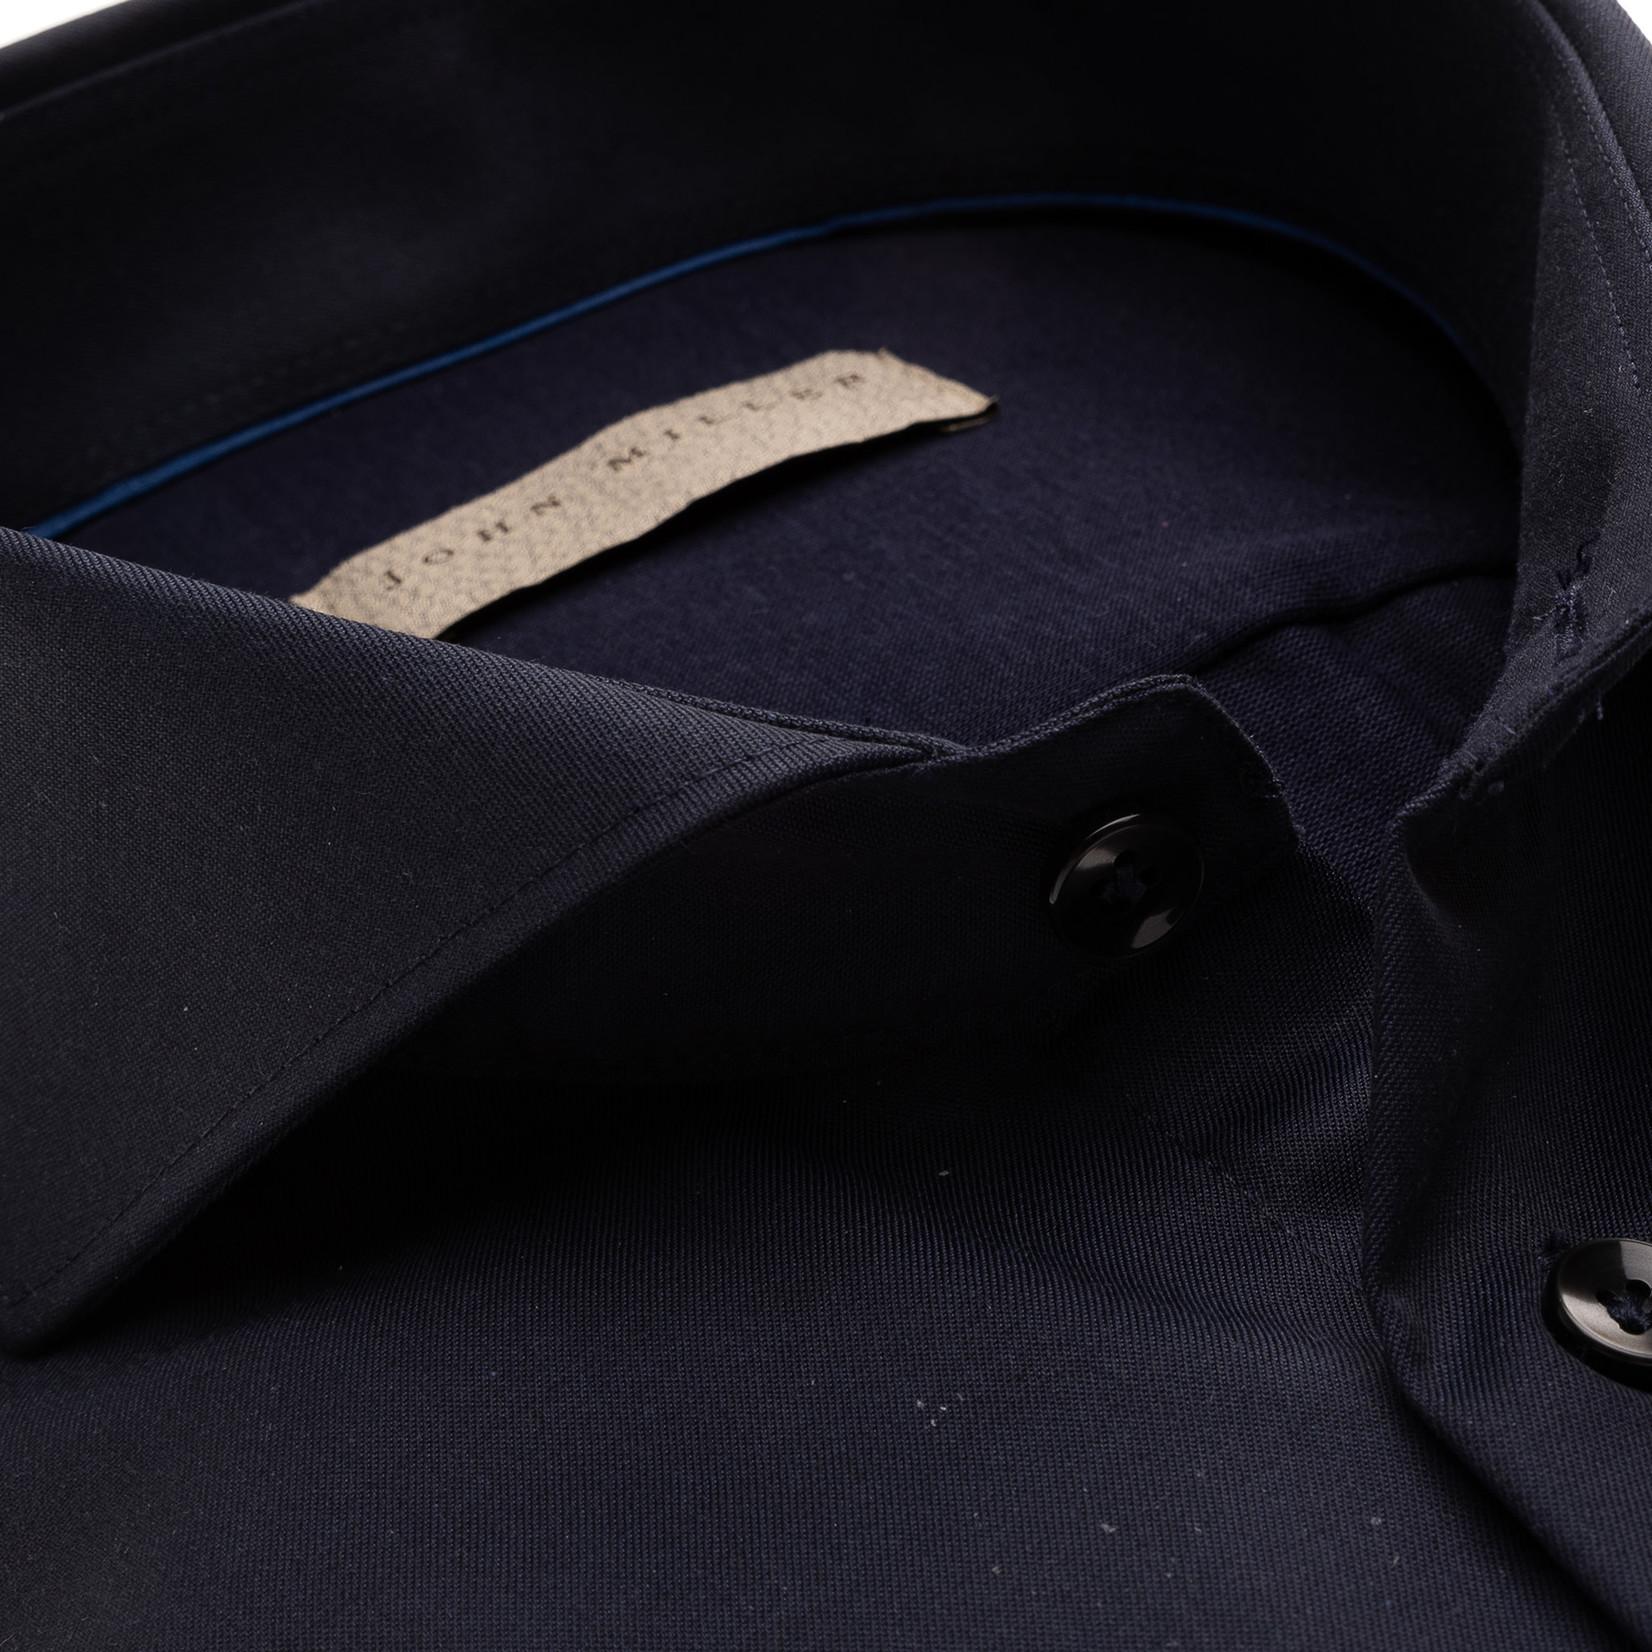 John Miller slim fit overhemd marine met jersey achterkant